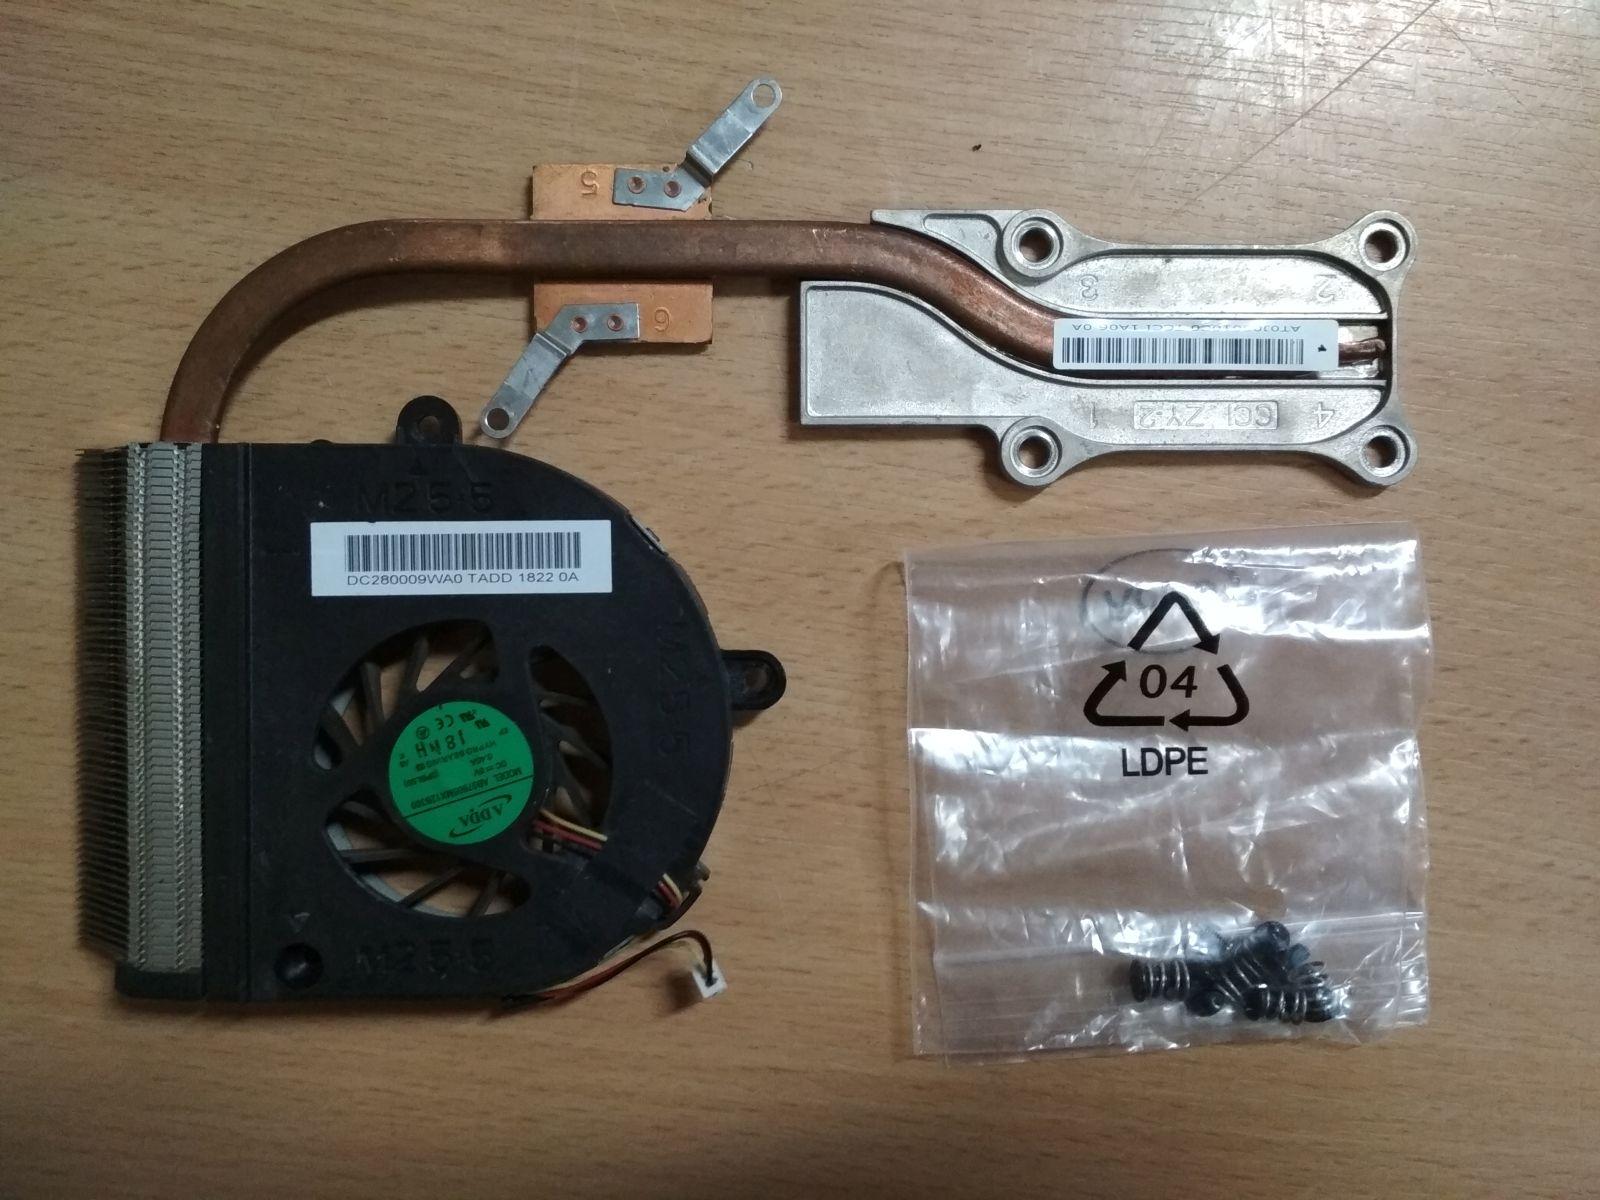 ASUS A53 X53 K53 ventilátor és hőcső AT0J00010C0 DC280009WA0 használt 1 hónap gar!